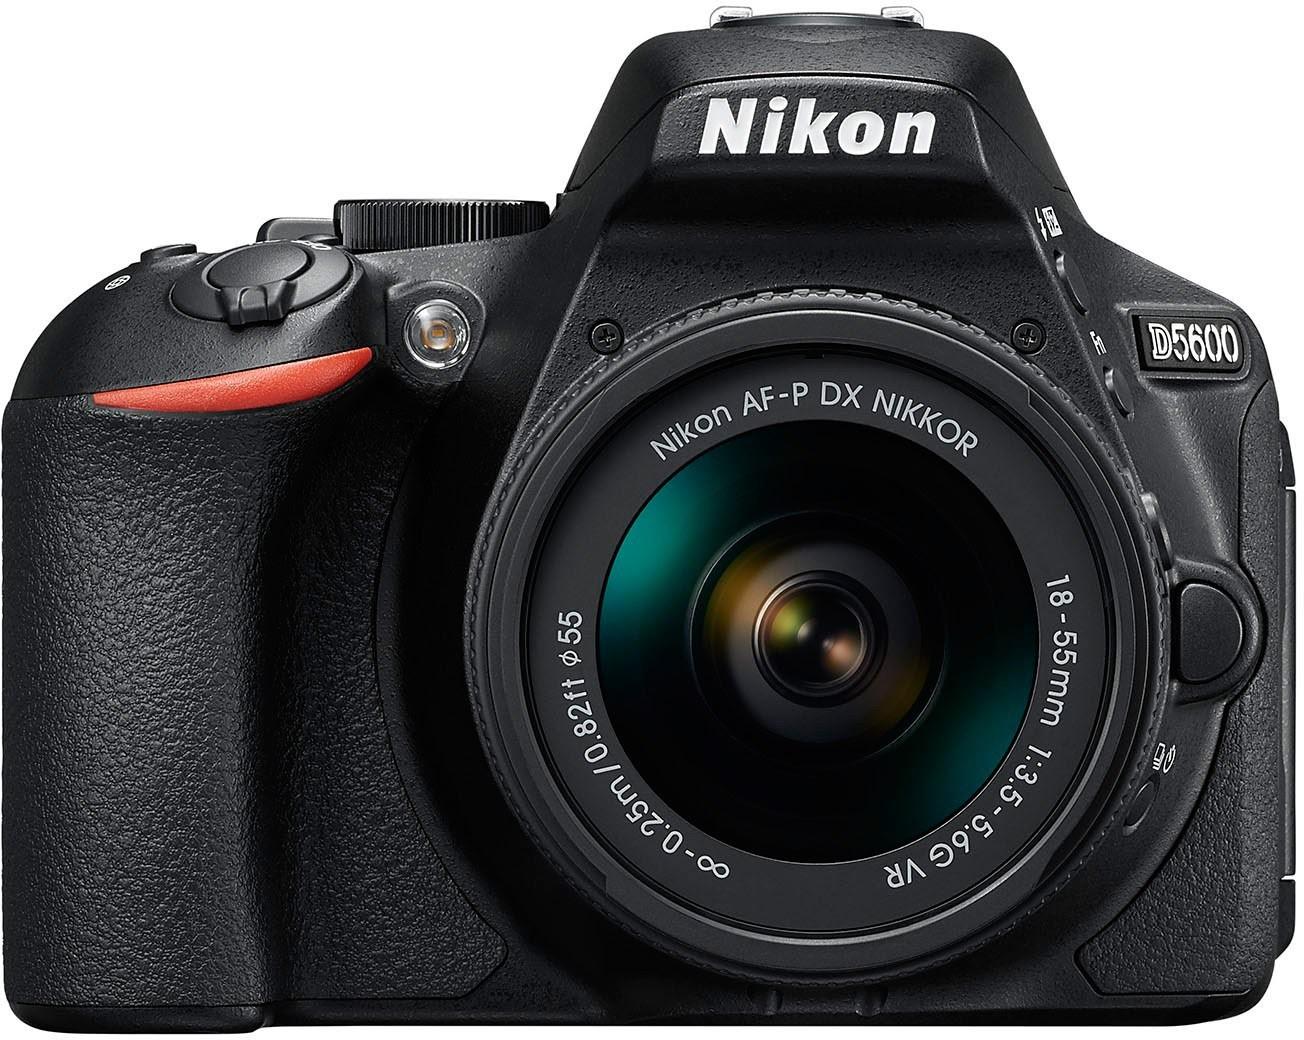 Nikon D5600 DSLR Camera Image